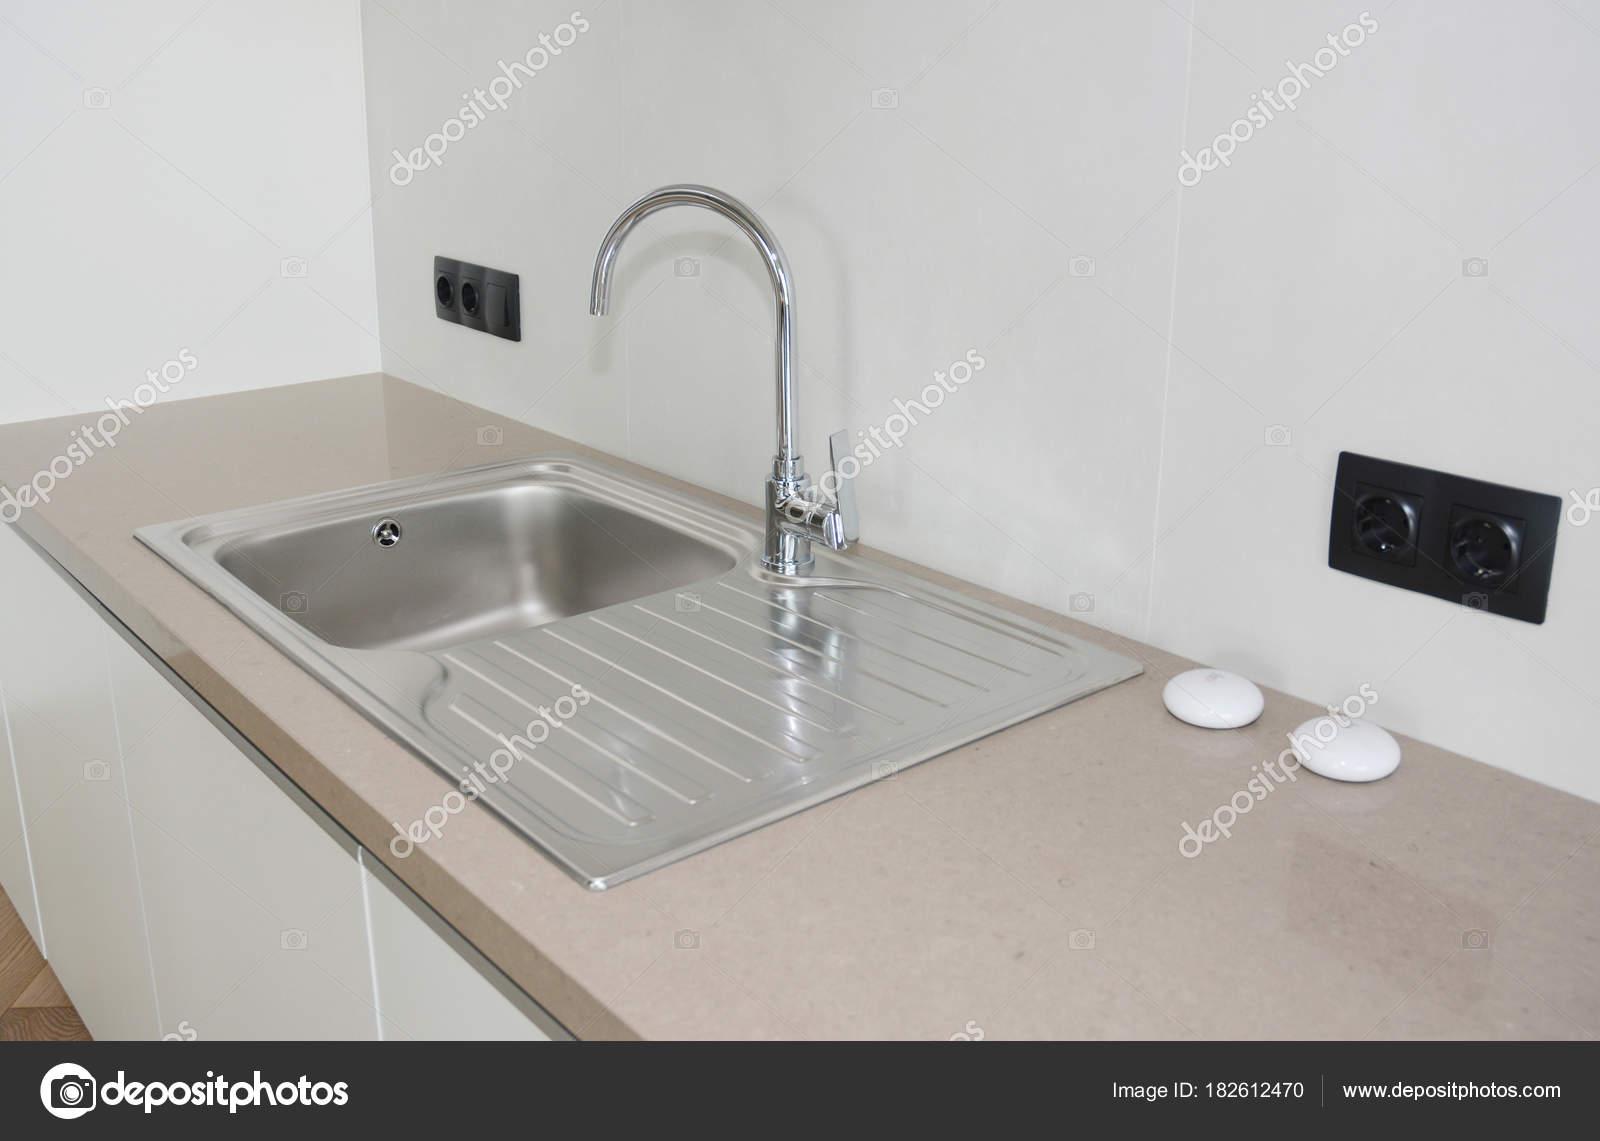 Cucina moderna in metallo rubinetto e lavello in ceramica — Foto ...